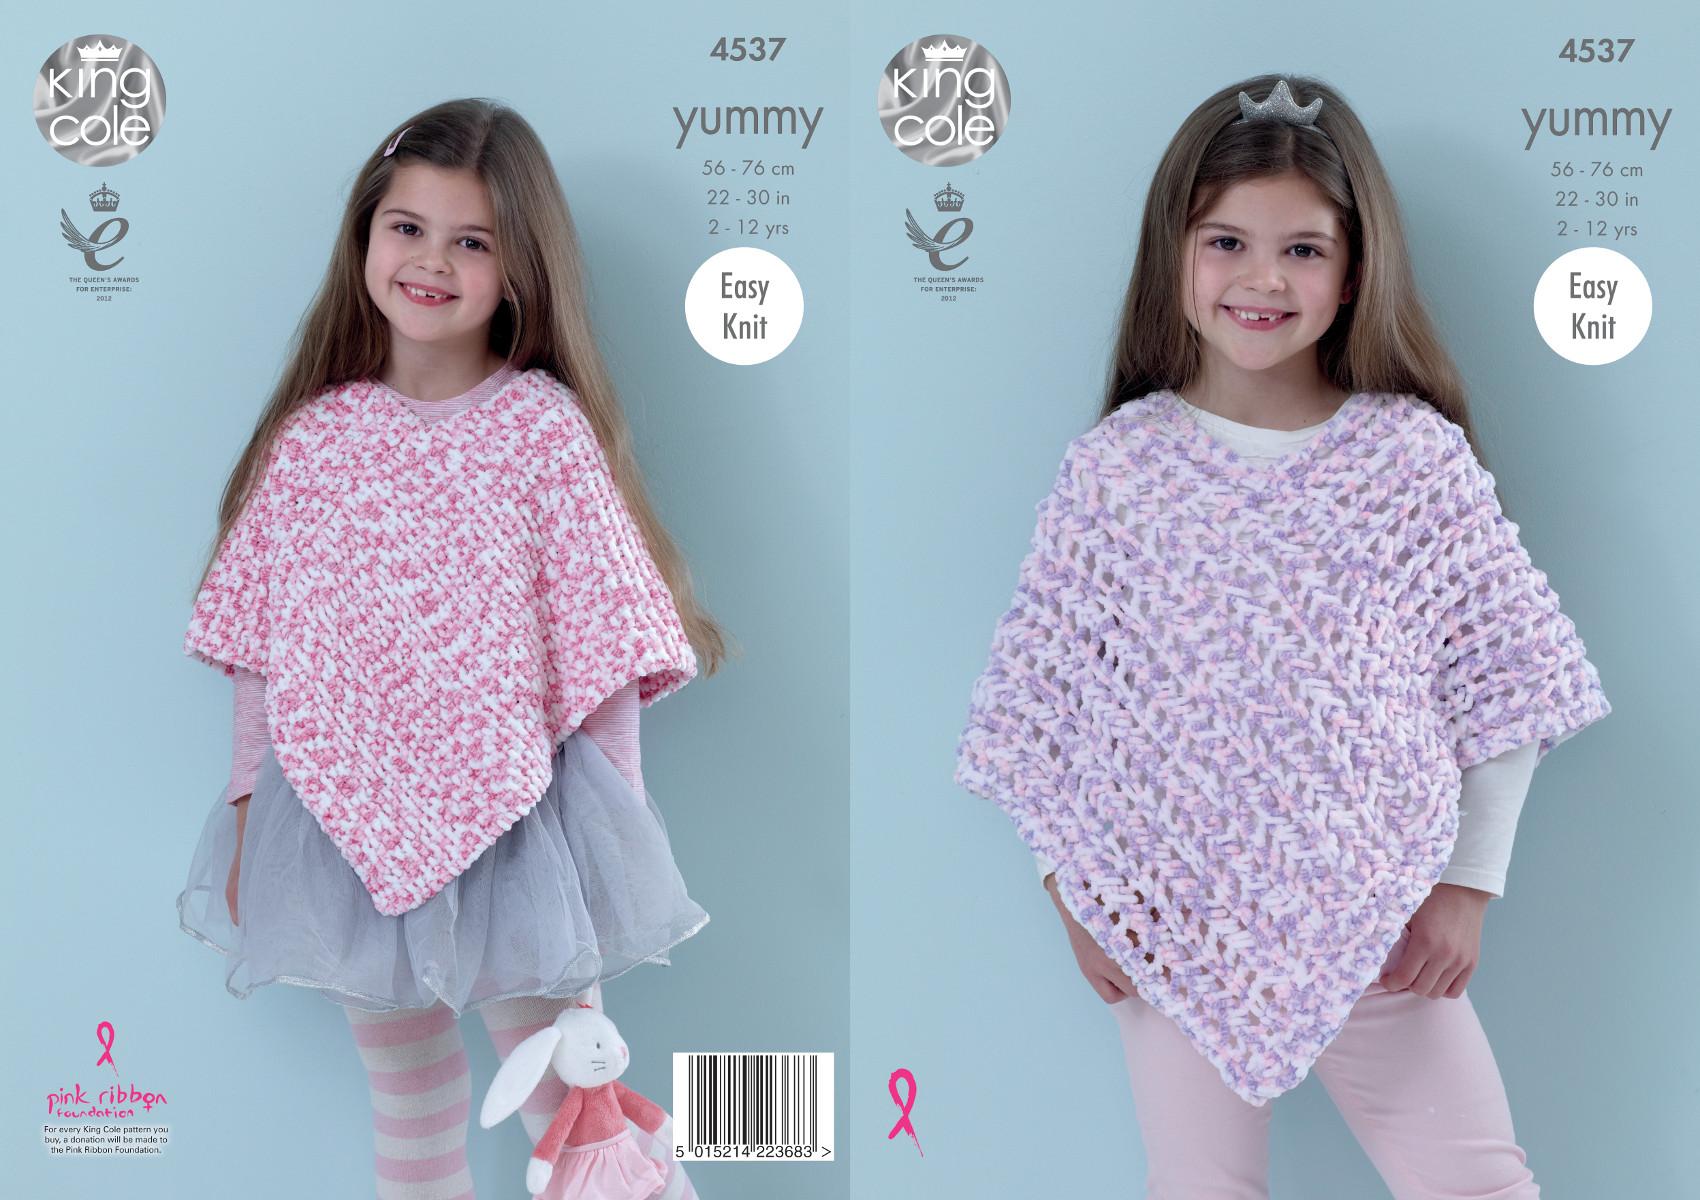 Knitting Pattern Lace Poncho : King Cole Girls Knitting Pattern Easy Knit Garter Stitch ...